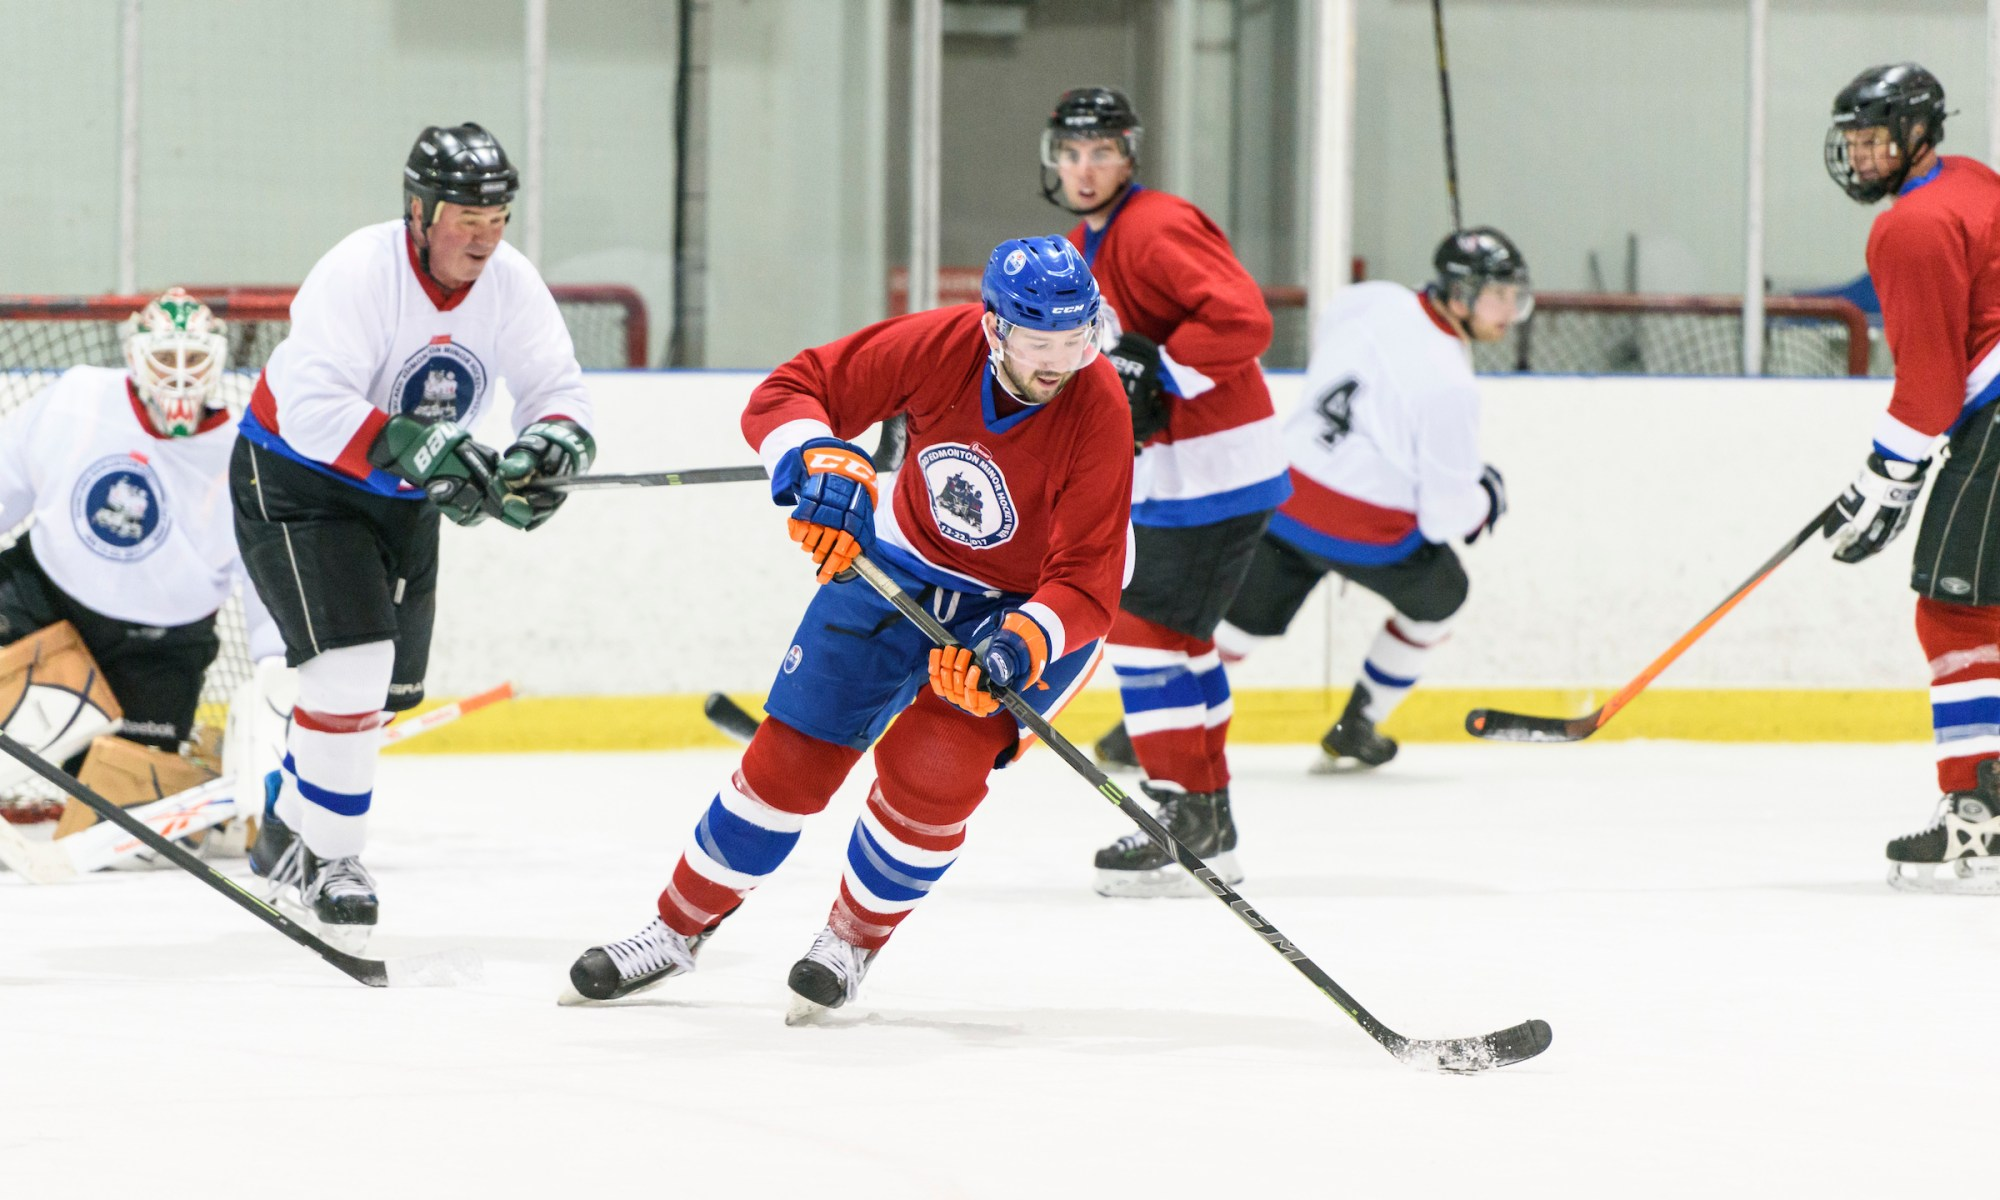 joueurs hockey